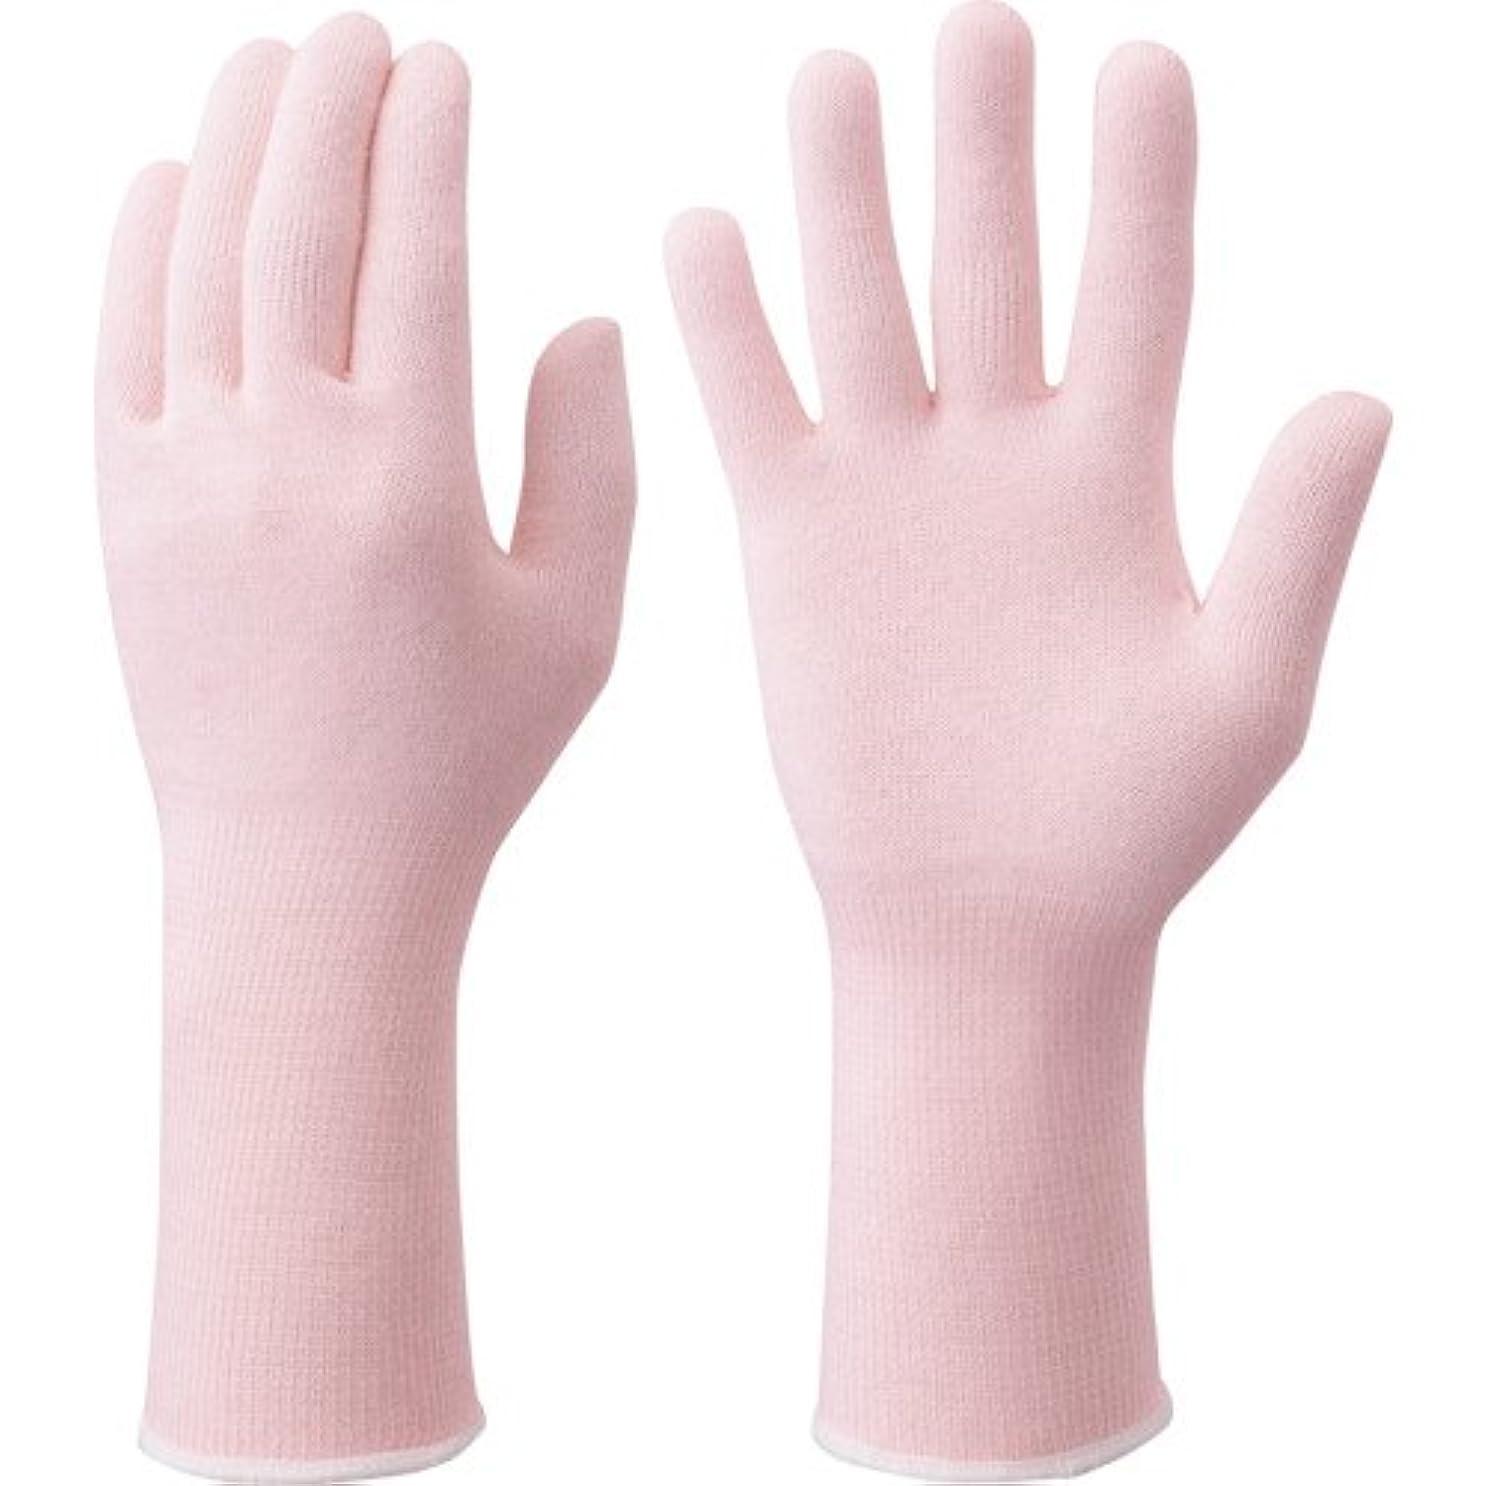 ぺディカブ八テーマ手肌をいたわる手袋フリーピンク